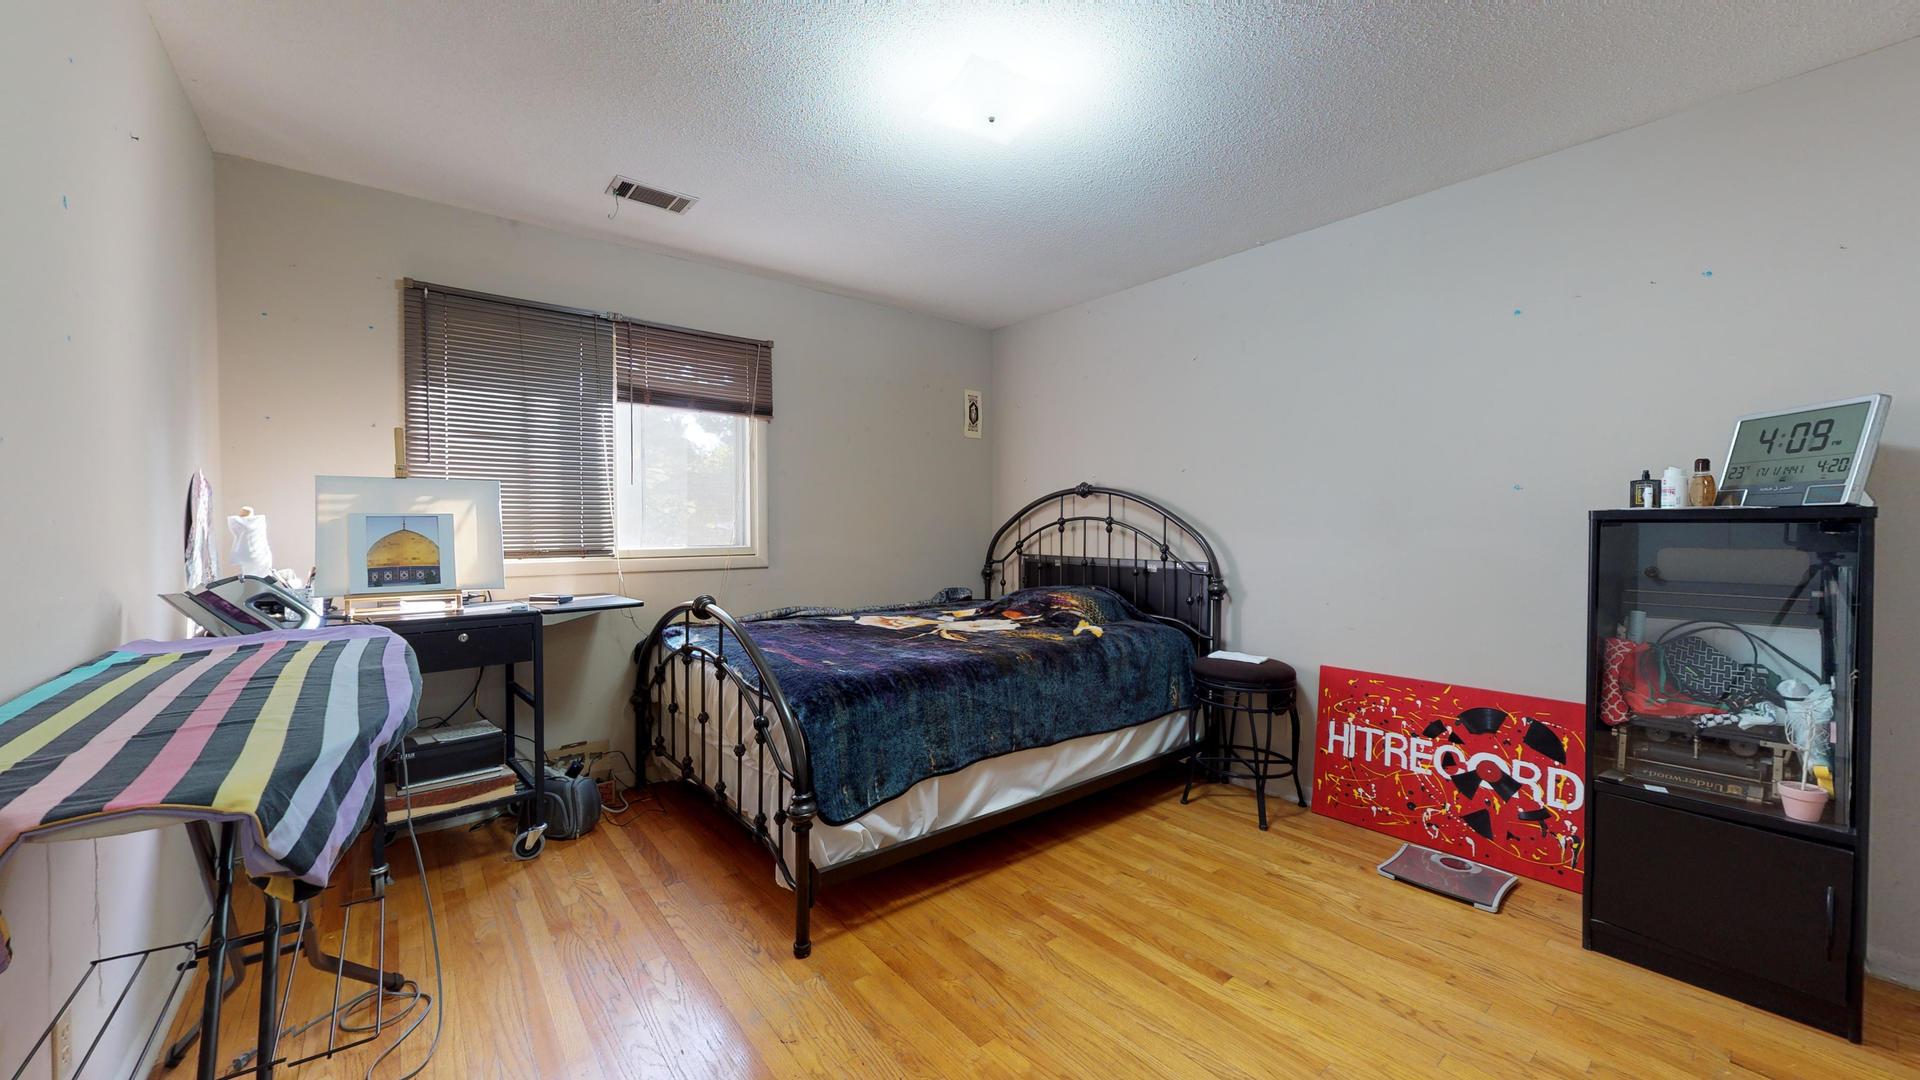 2504 Bedford, Champaign, Illinois, 61820